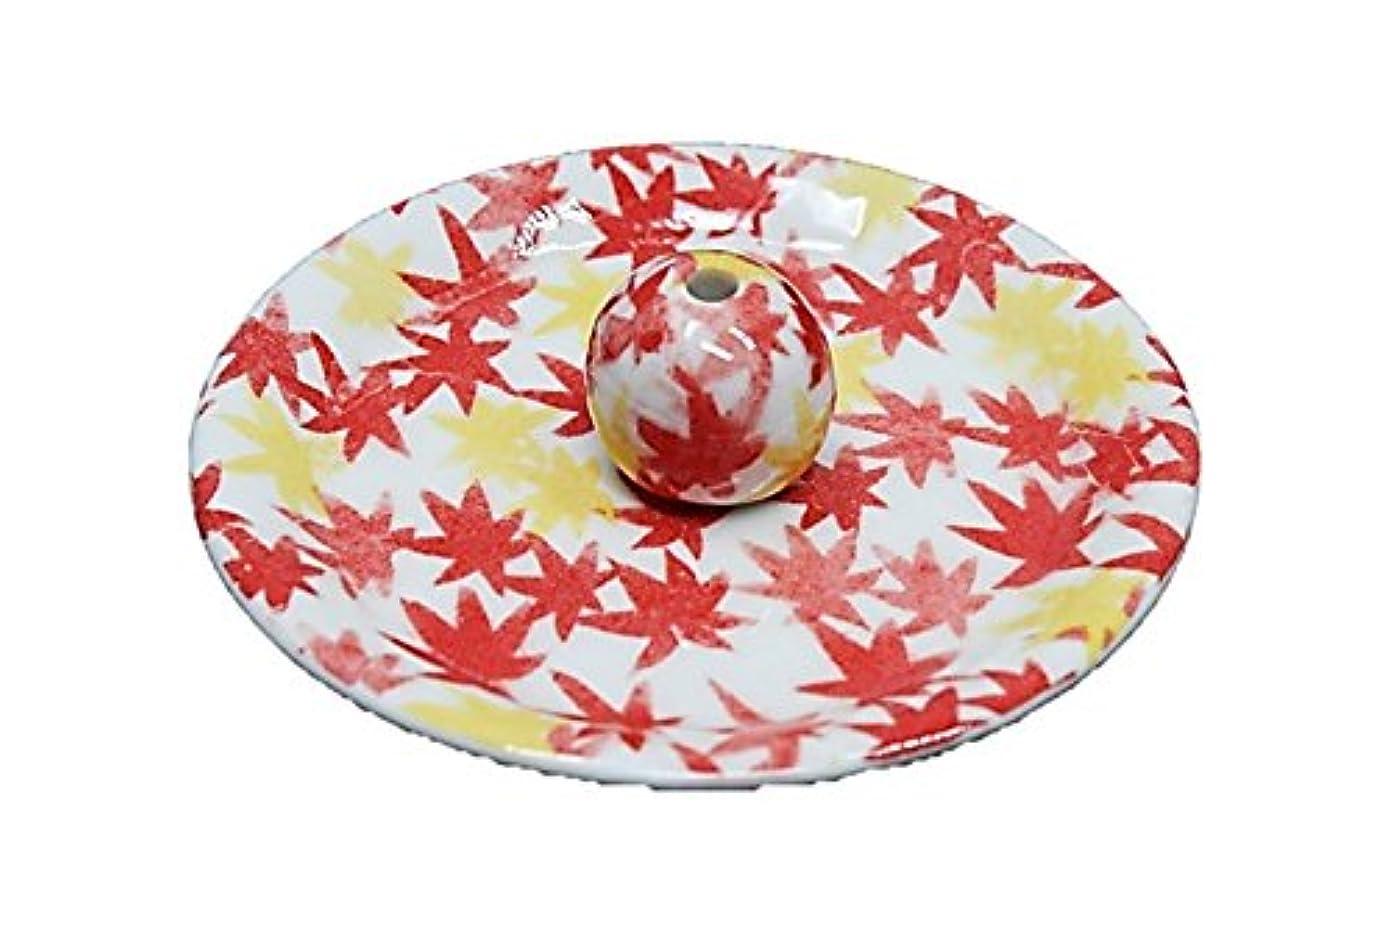 整理するサスティーンインフレーション9-18 和路 朱 9cm香皿 お香立て お香たて 陶器 日本製 製造?直売品